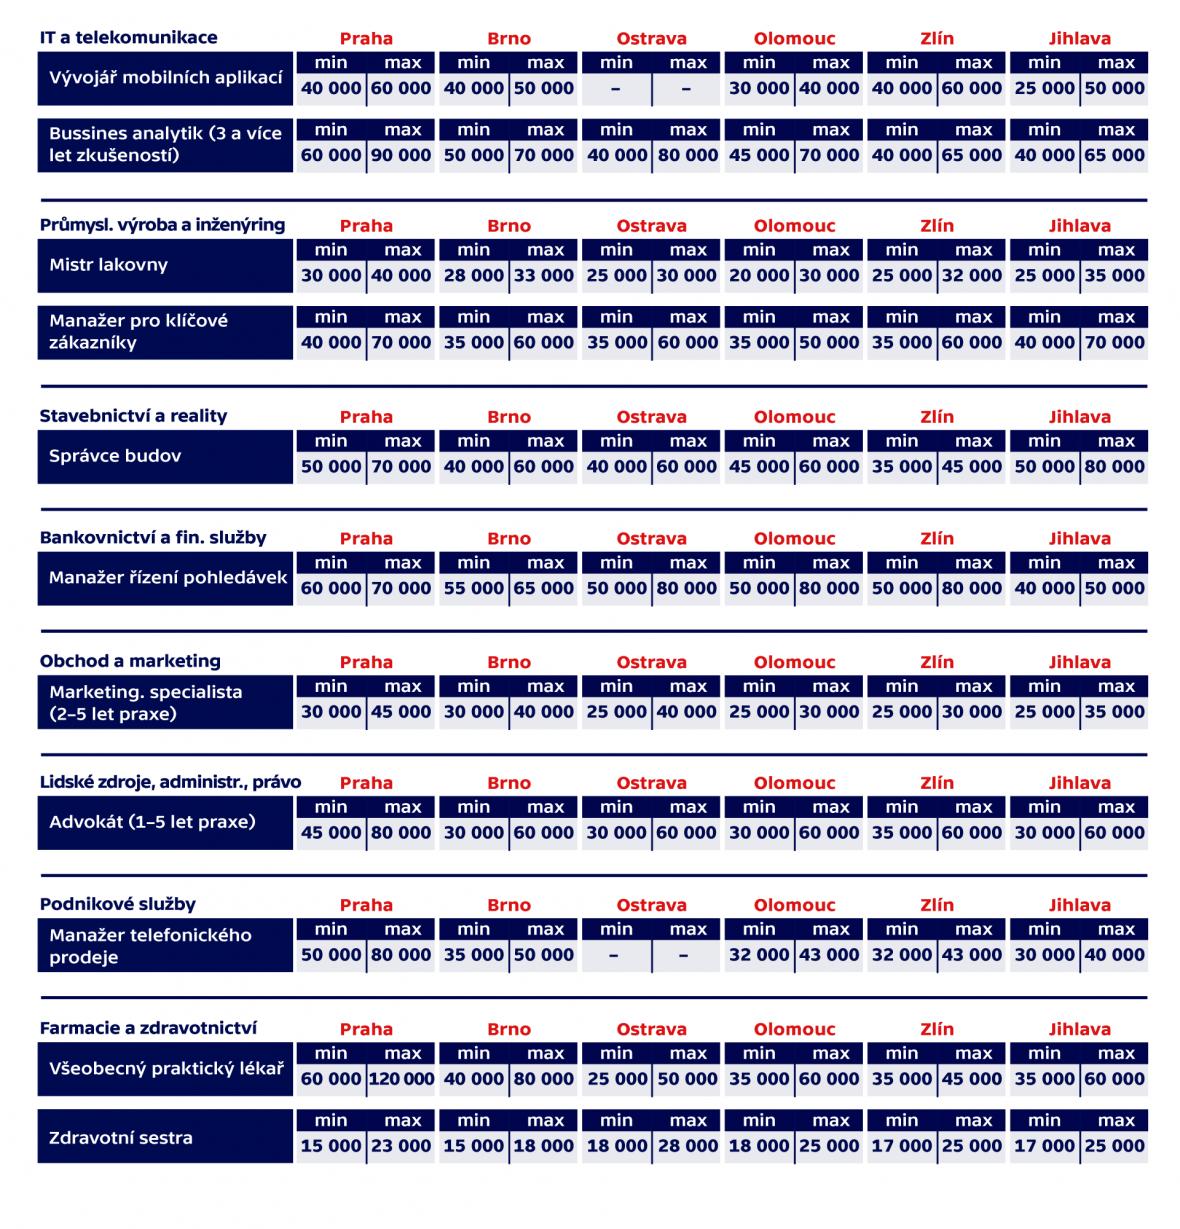 Srovnání mezd různých profesí v různých českých městech